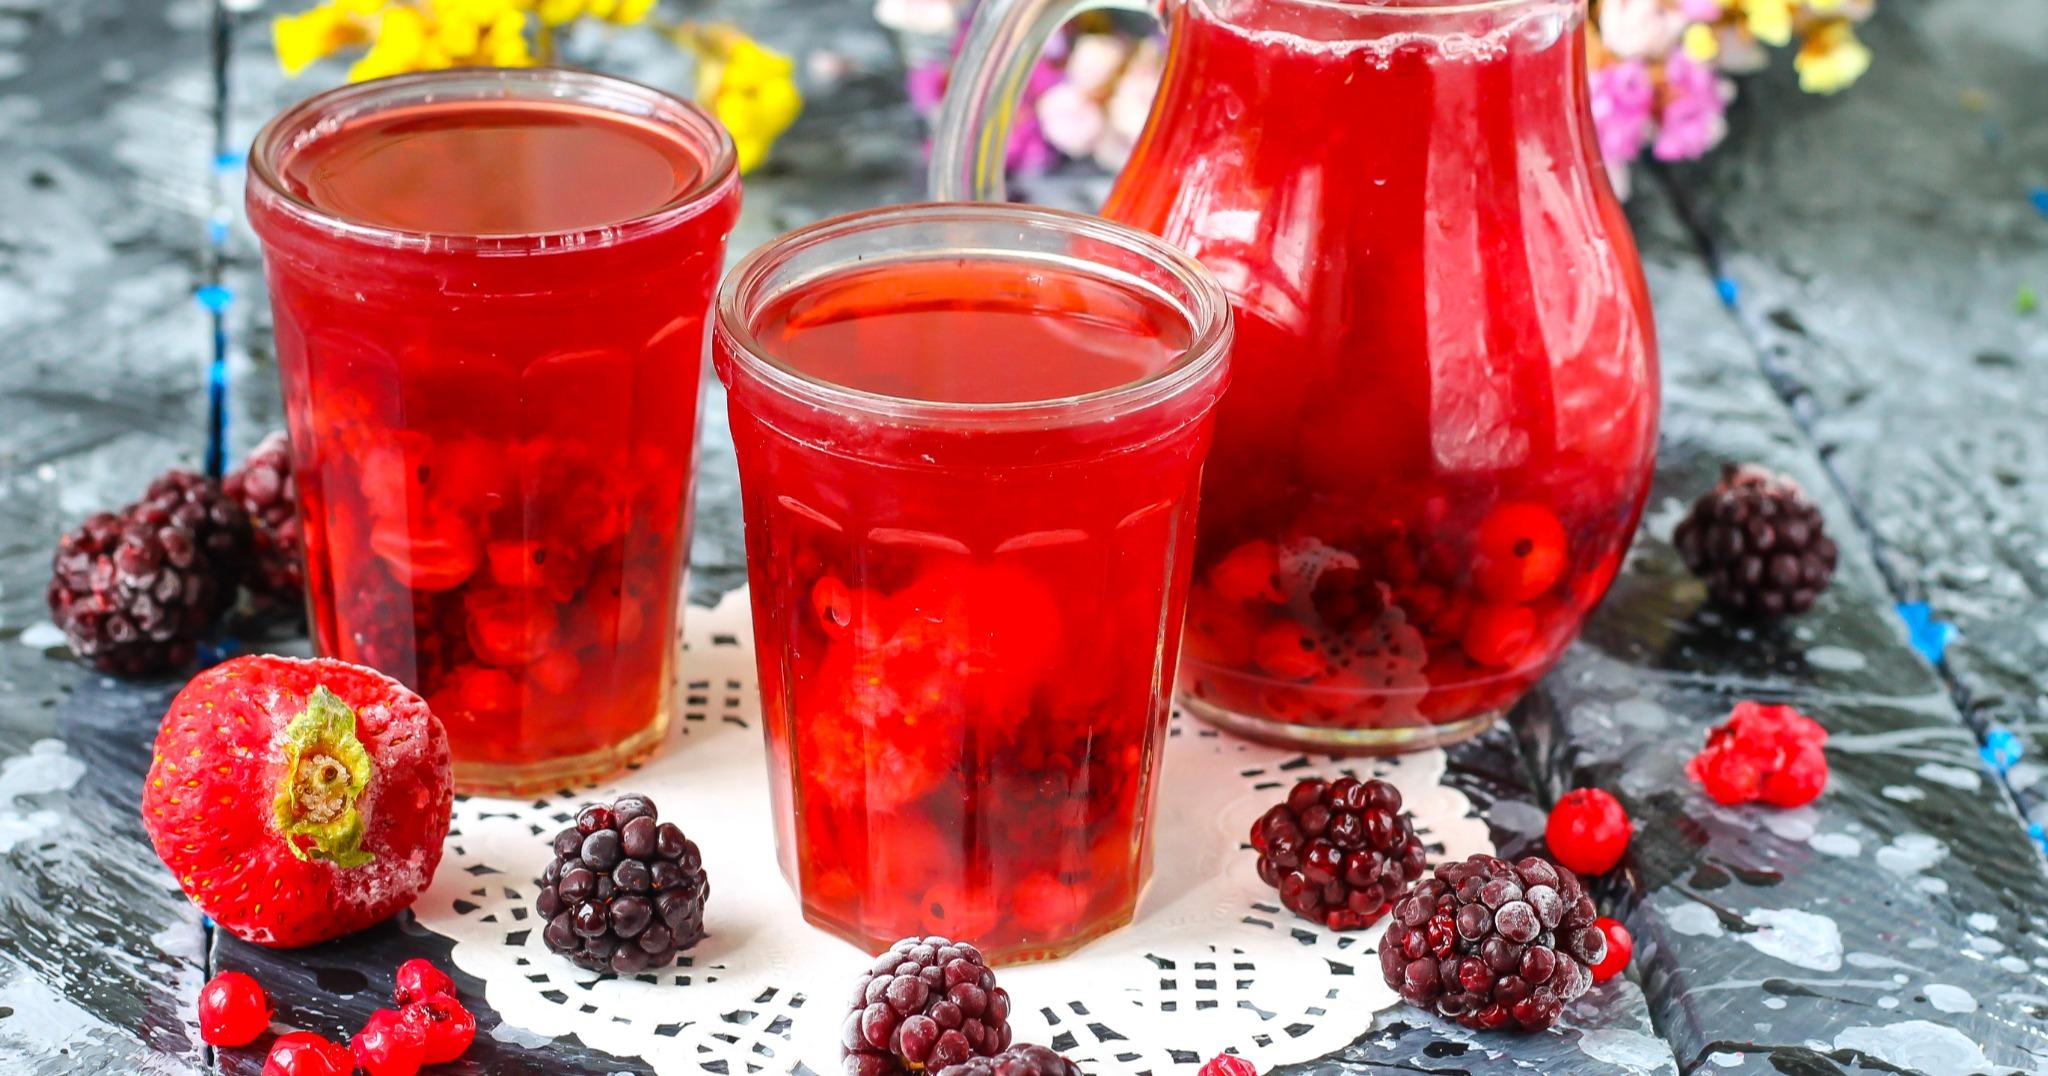 Узвар из свежих ягод и фруктов